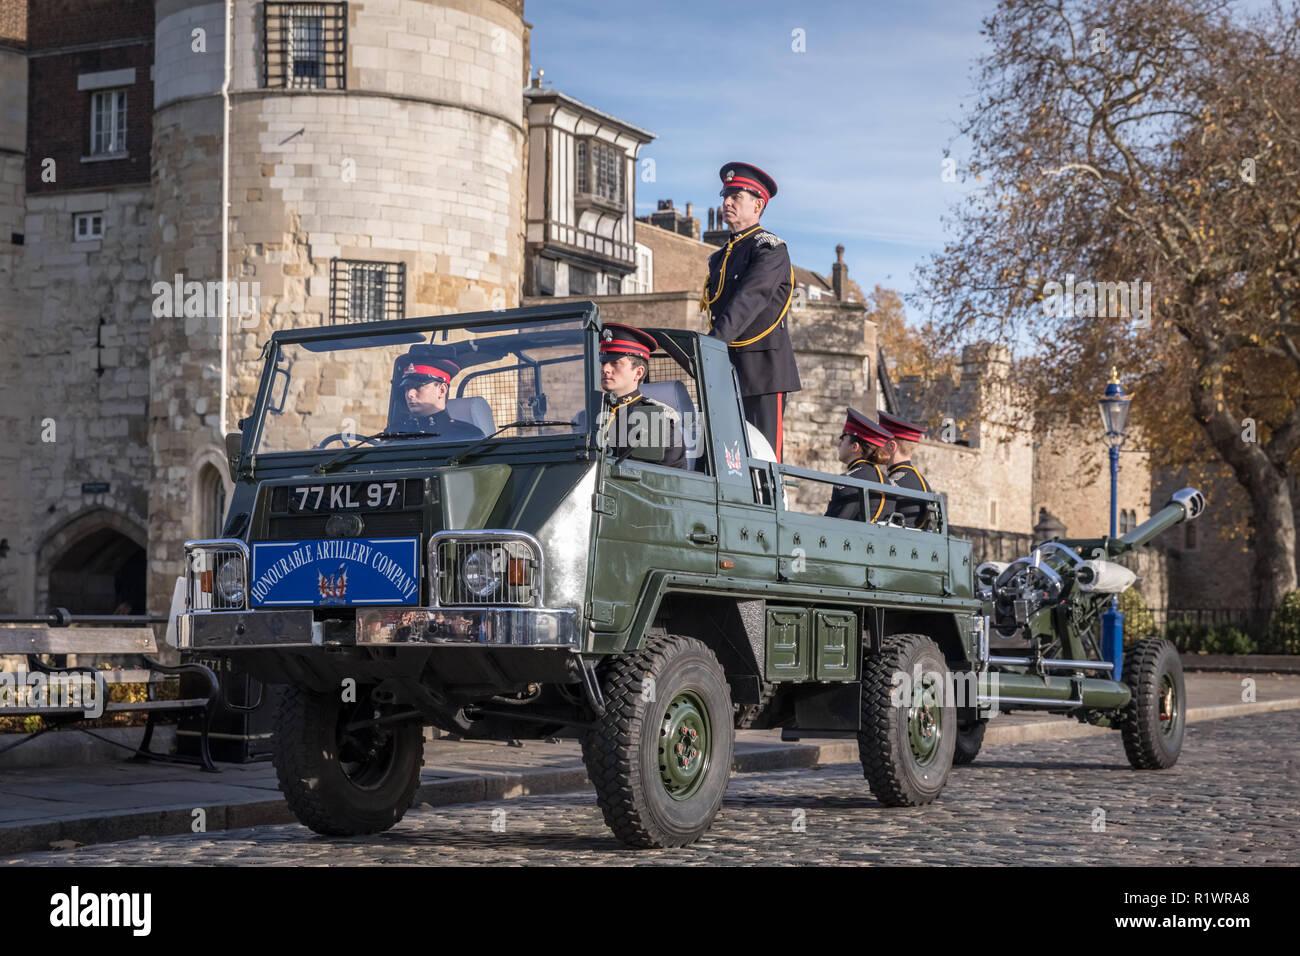 Londres, Reino Unido. 14 Nov 2018. Tower of London Royal Salvas 70mo. cumpleaños de su Alteza Real el Príncipe de Gales. Crédito: Guy Corbishley/Alamy Live News Imagen De Stock